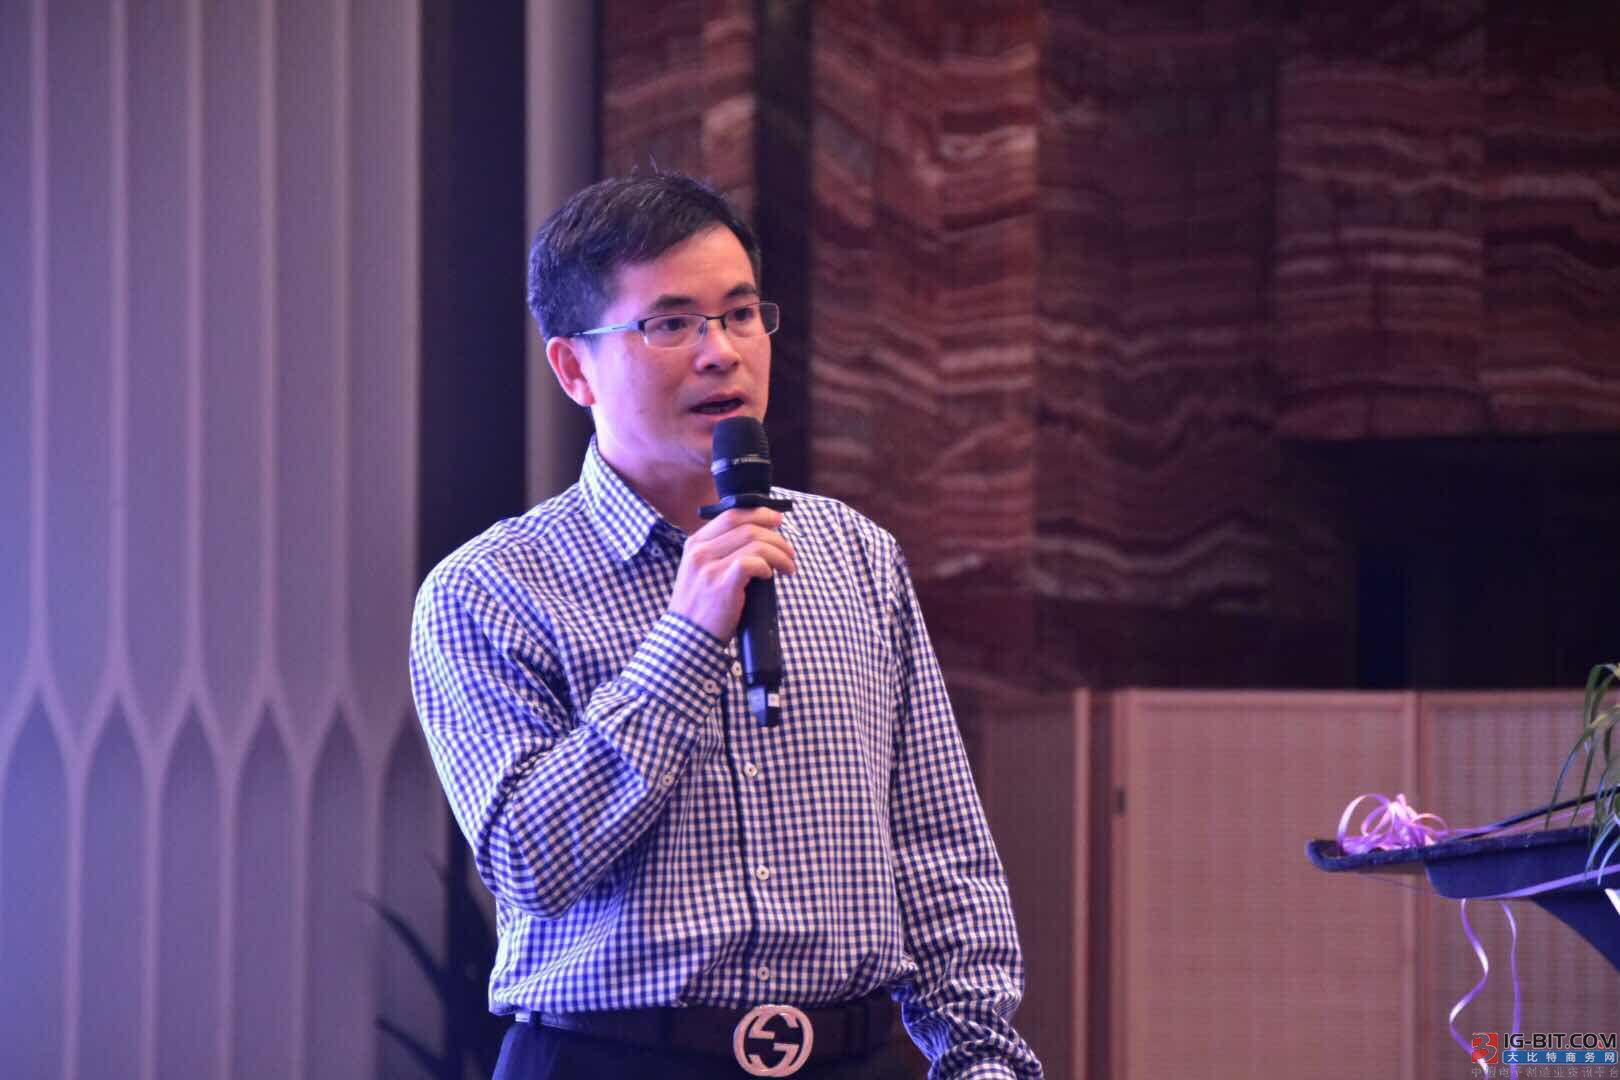 昕諾飛(中國)投資有限公司亞太區標準和法規的首席專家黃峰